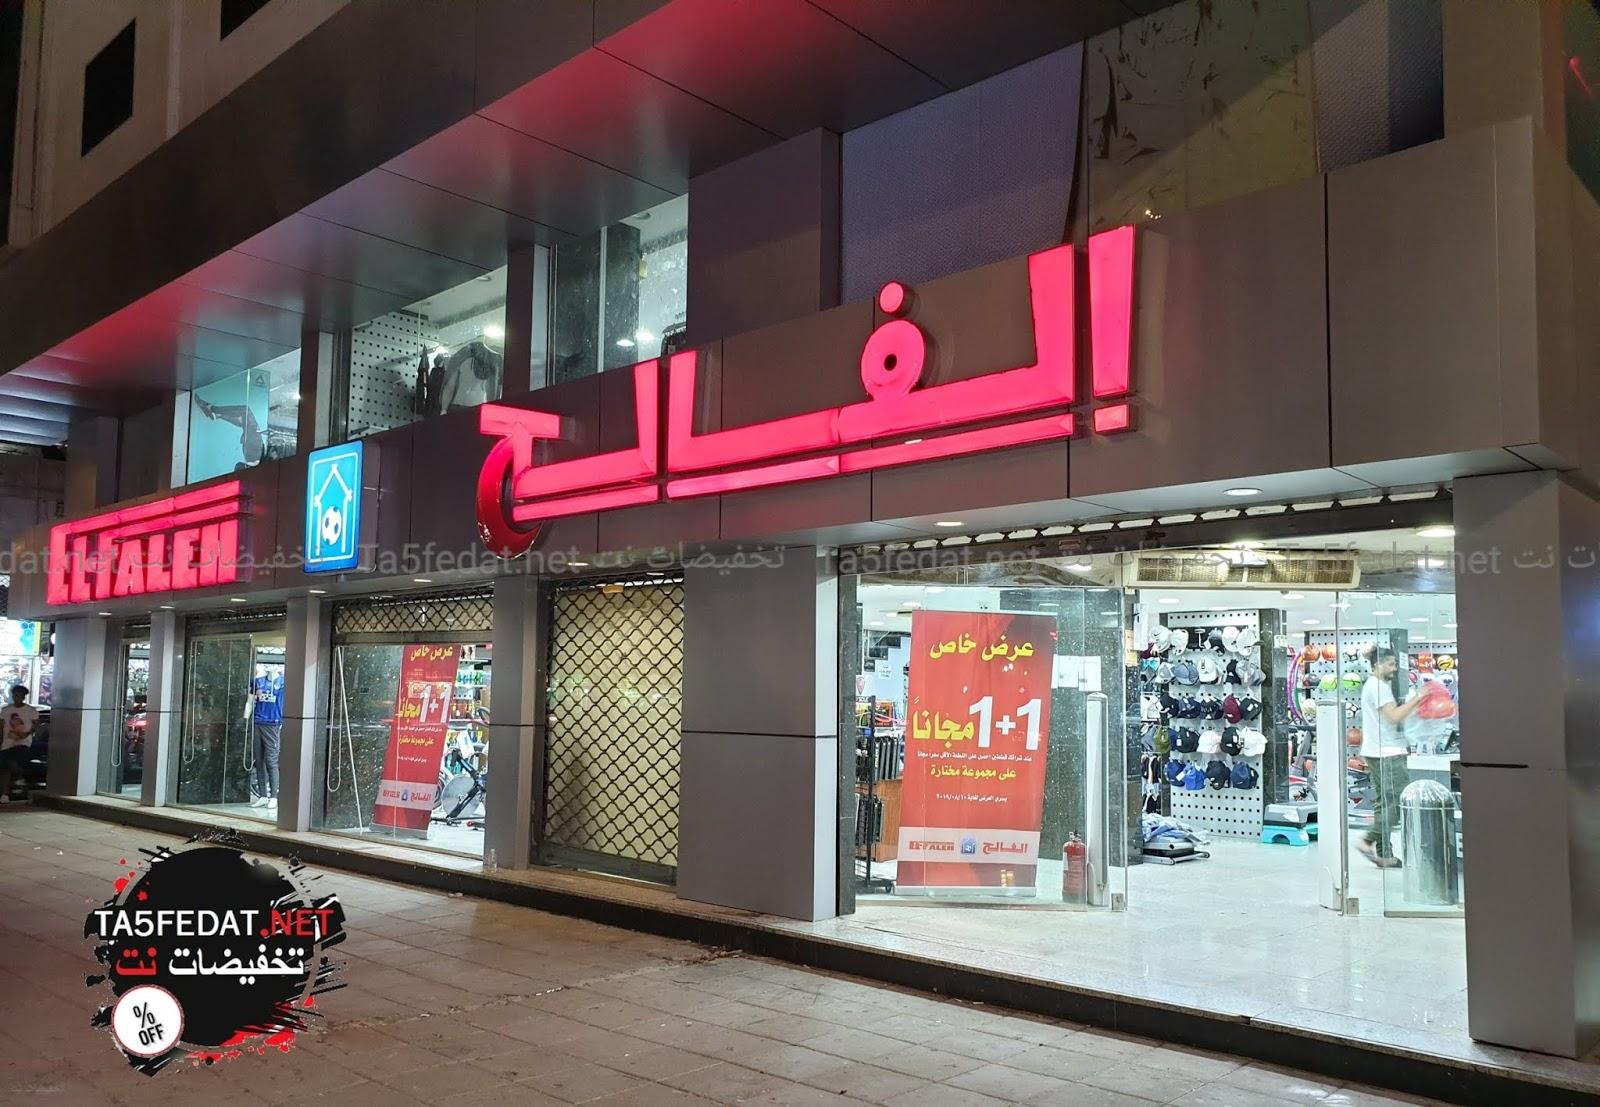 عروض بيت الرياضة الفالح Elfaleh للأجهزة والملابس والاحذية الرياضية